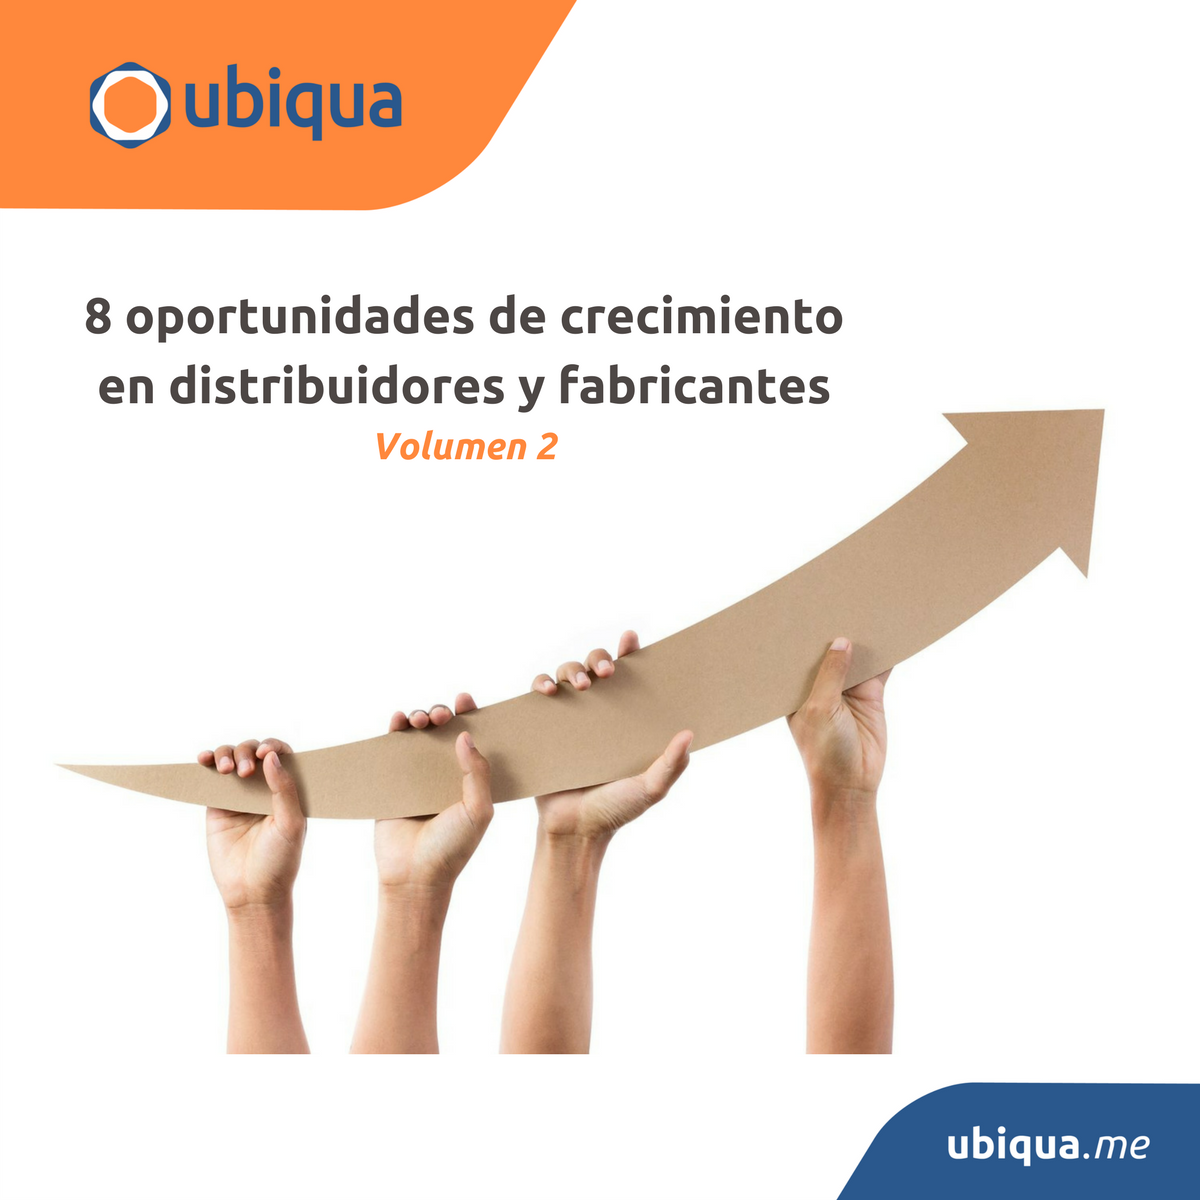 4 oportunidades de crecimiento en distribuidores y fabricantes (Volumen 1) (1).png